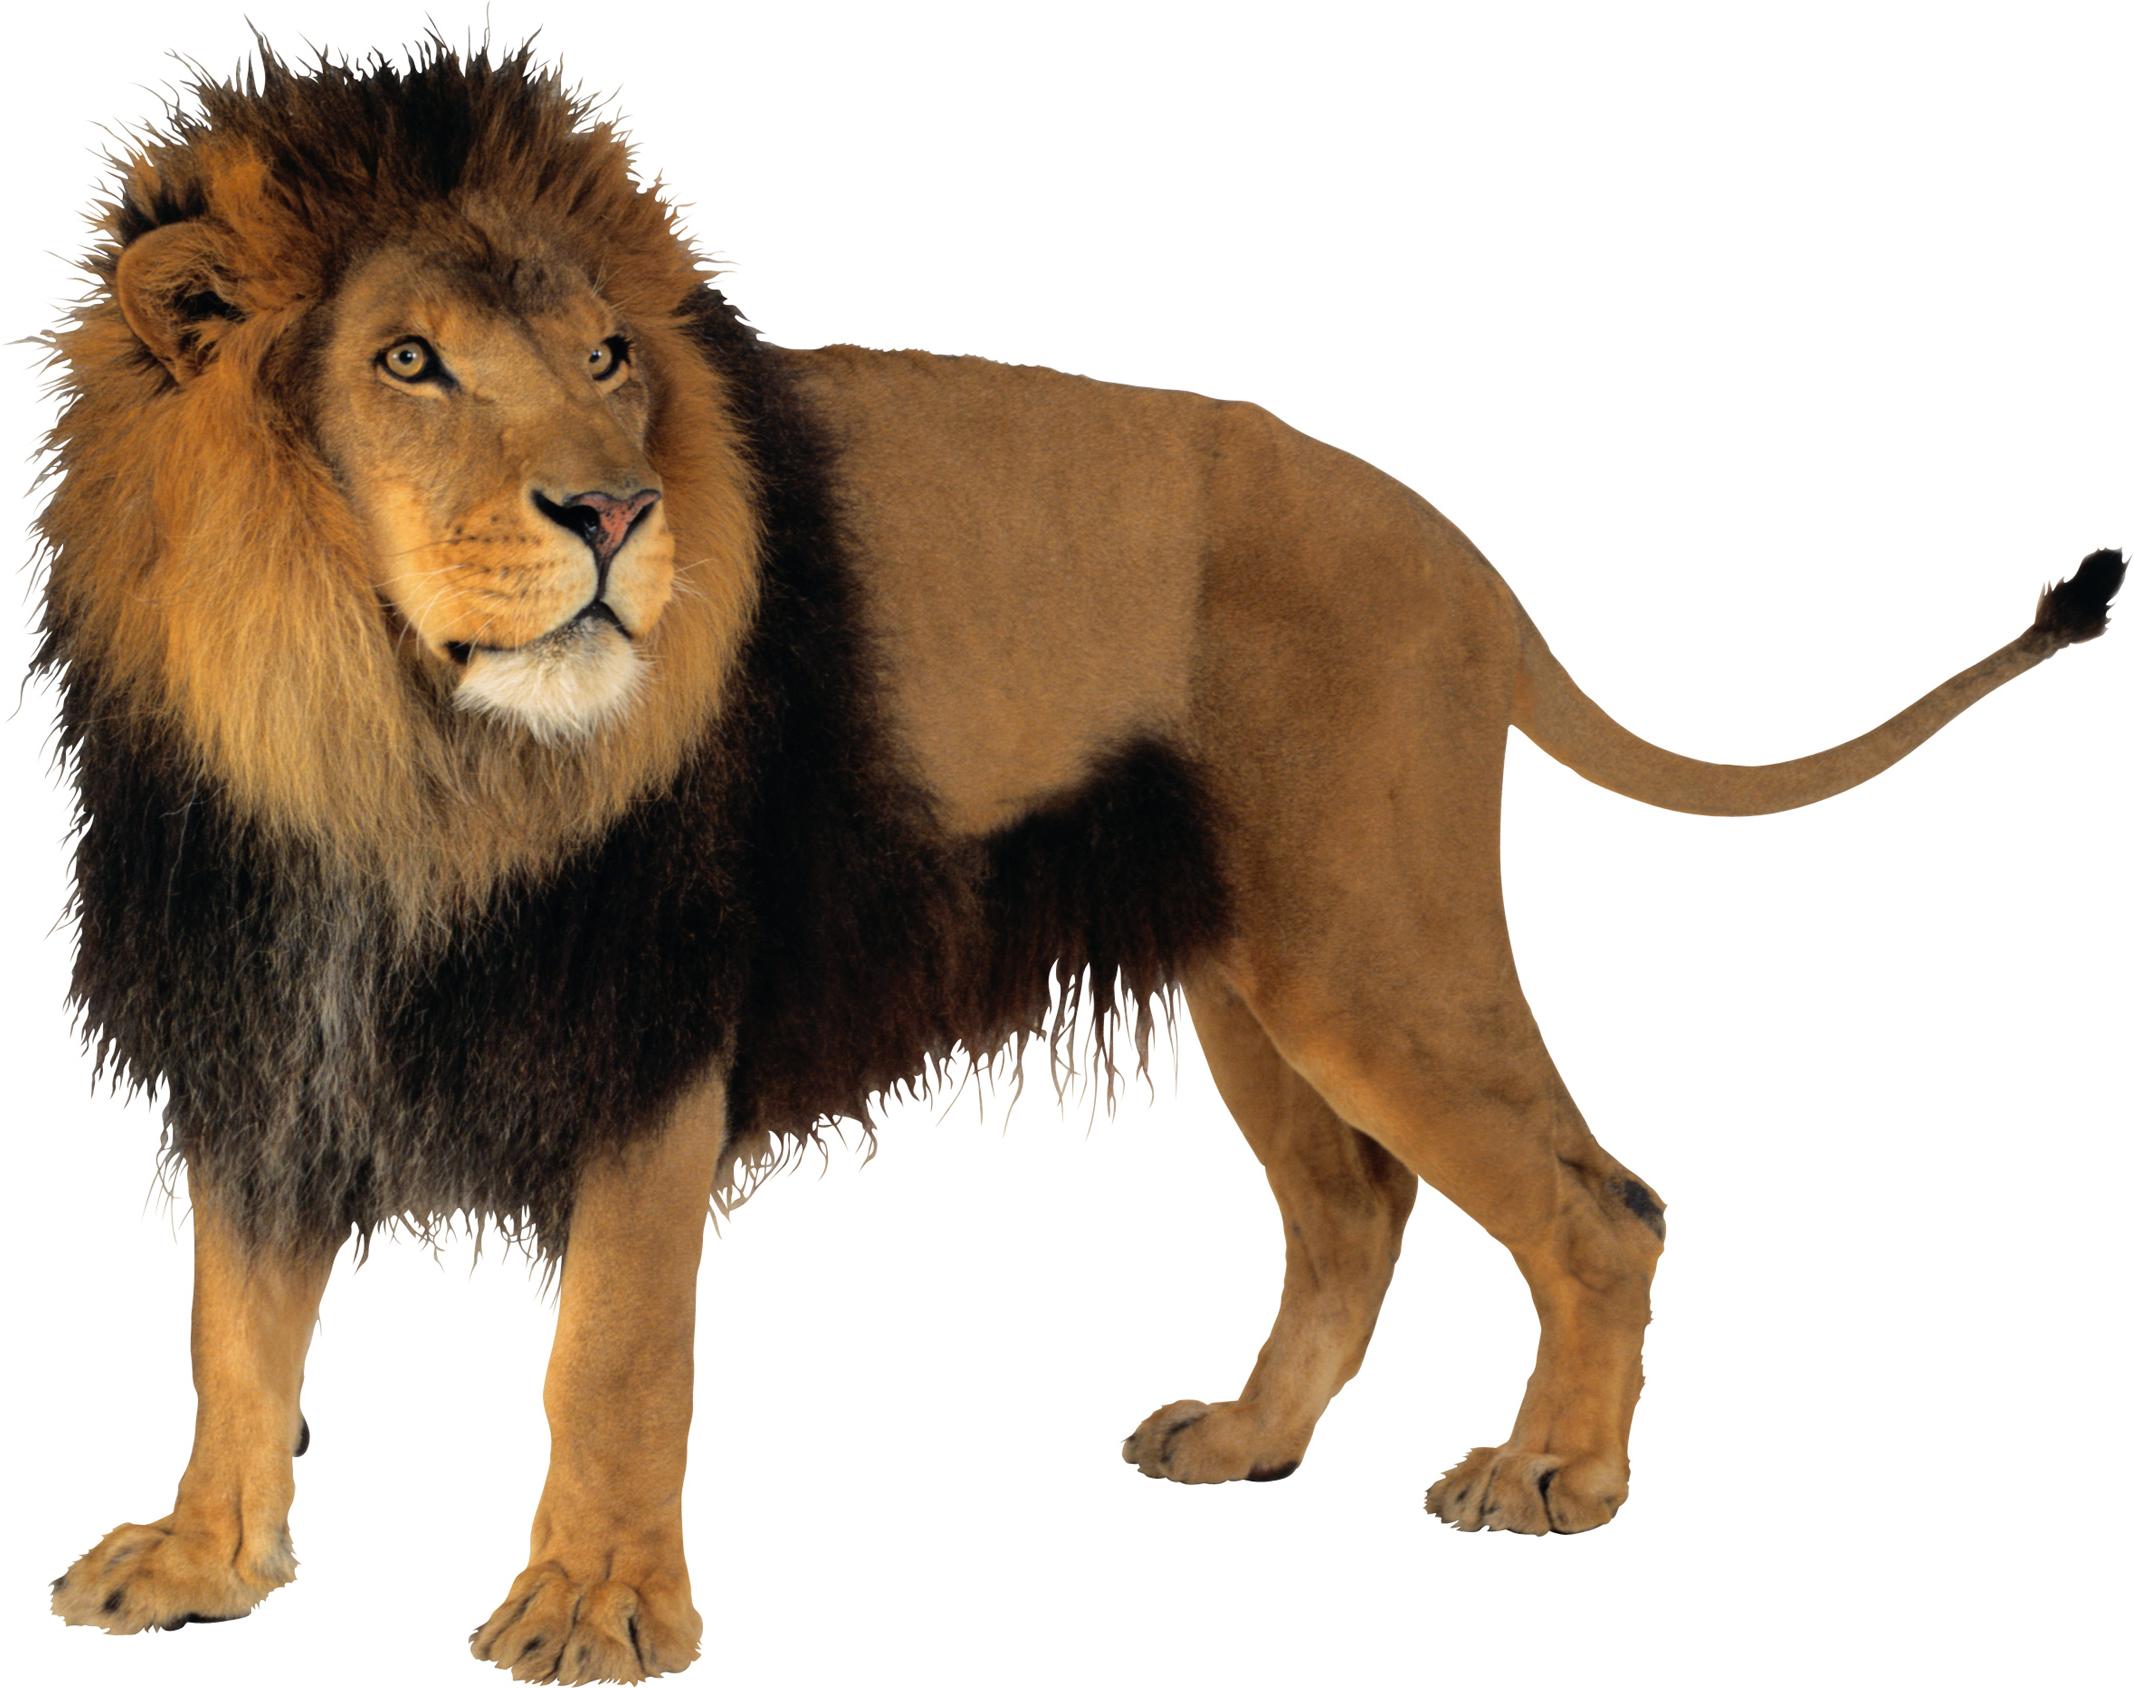 Lion PNG Transparent image - Lion PNG